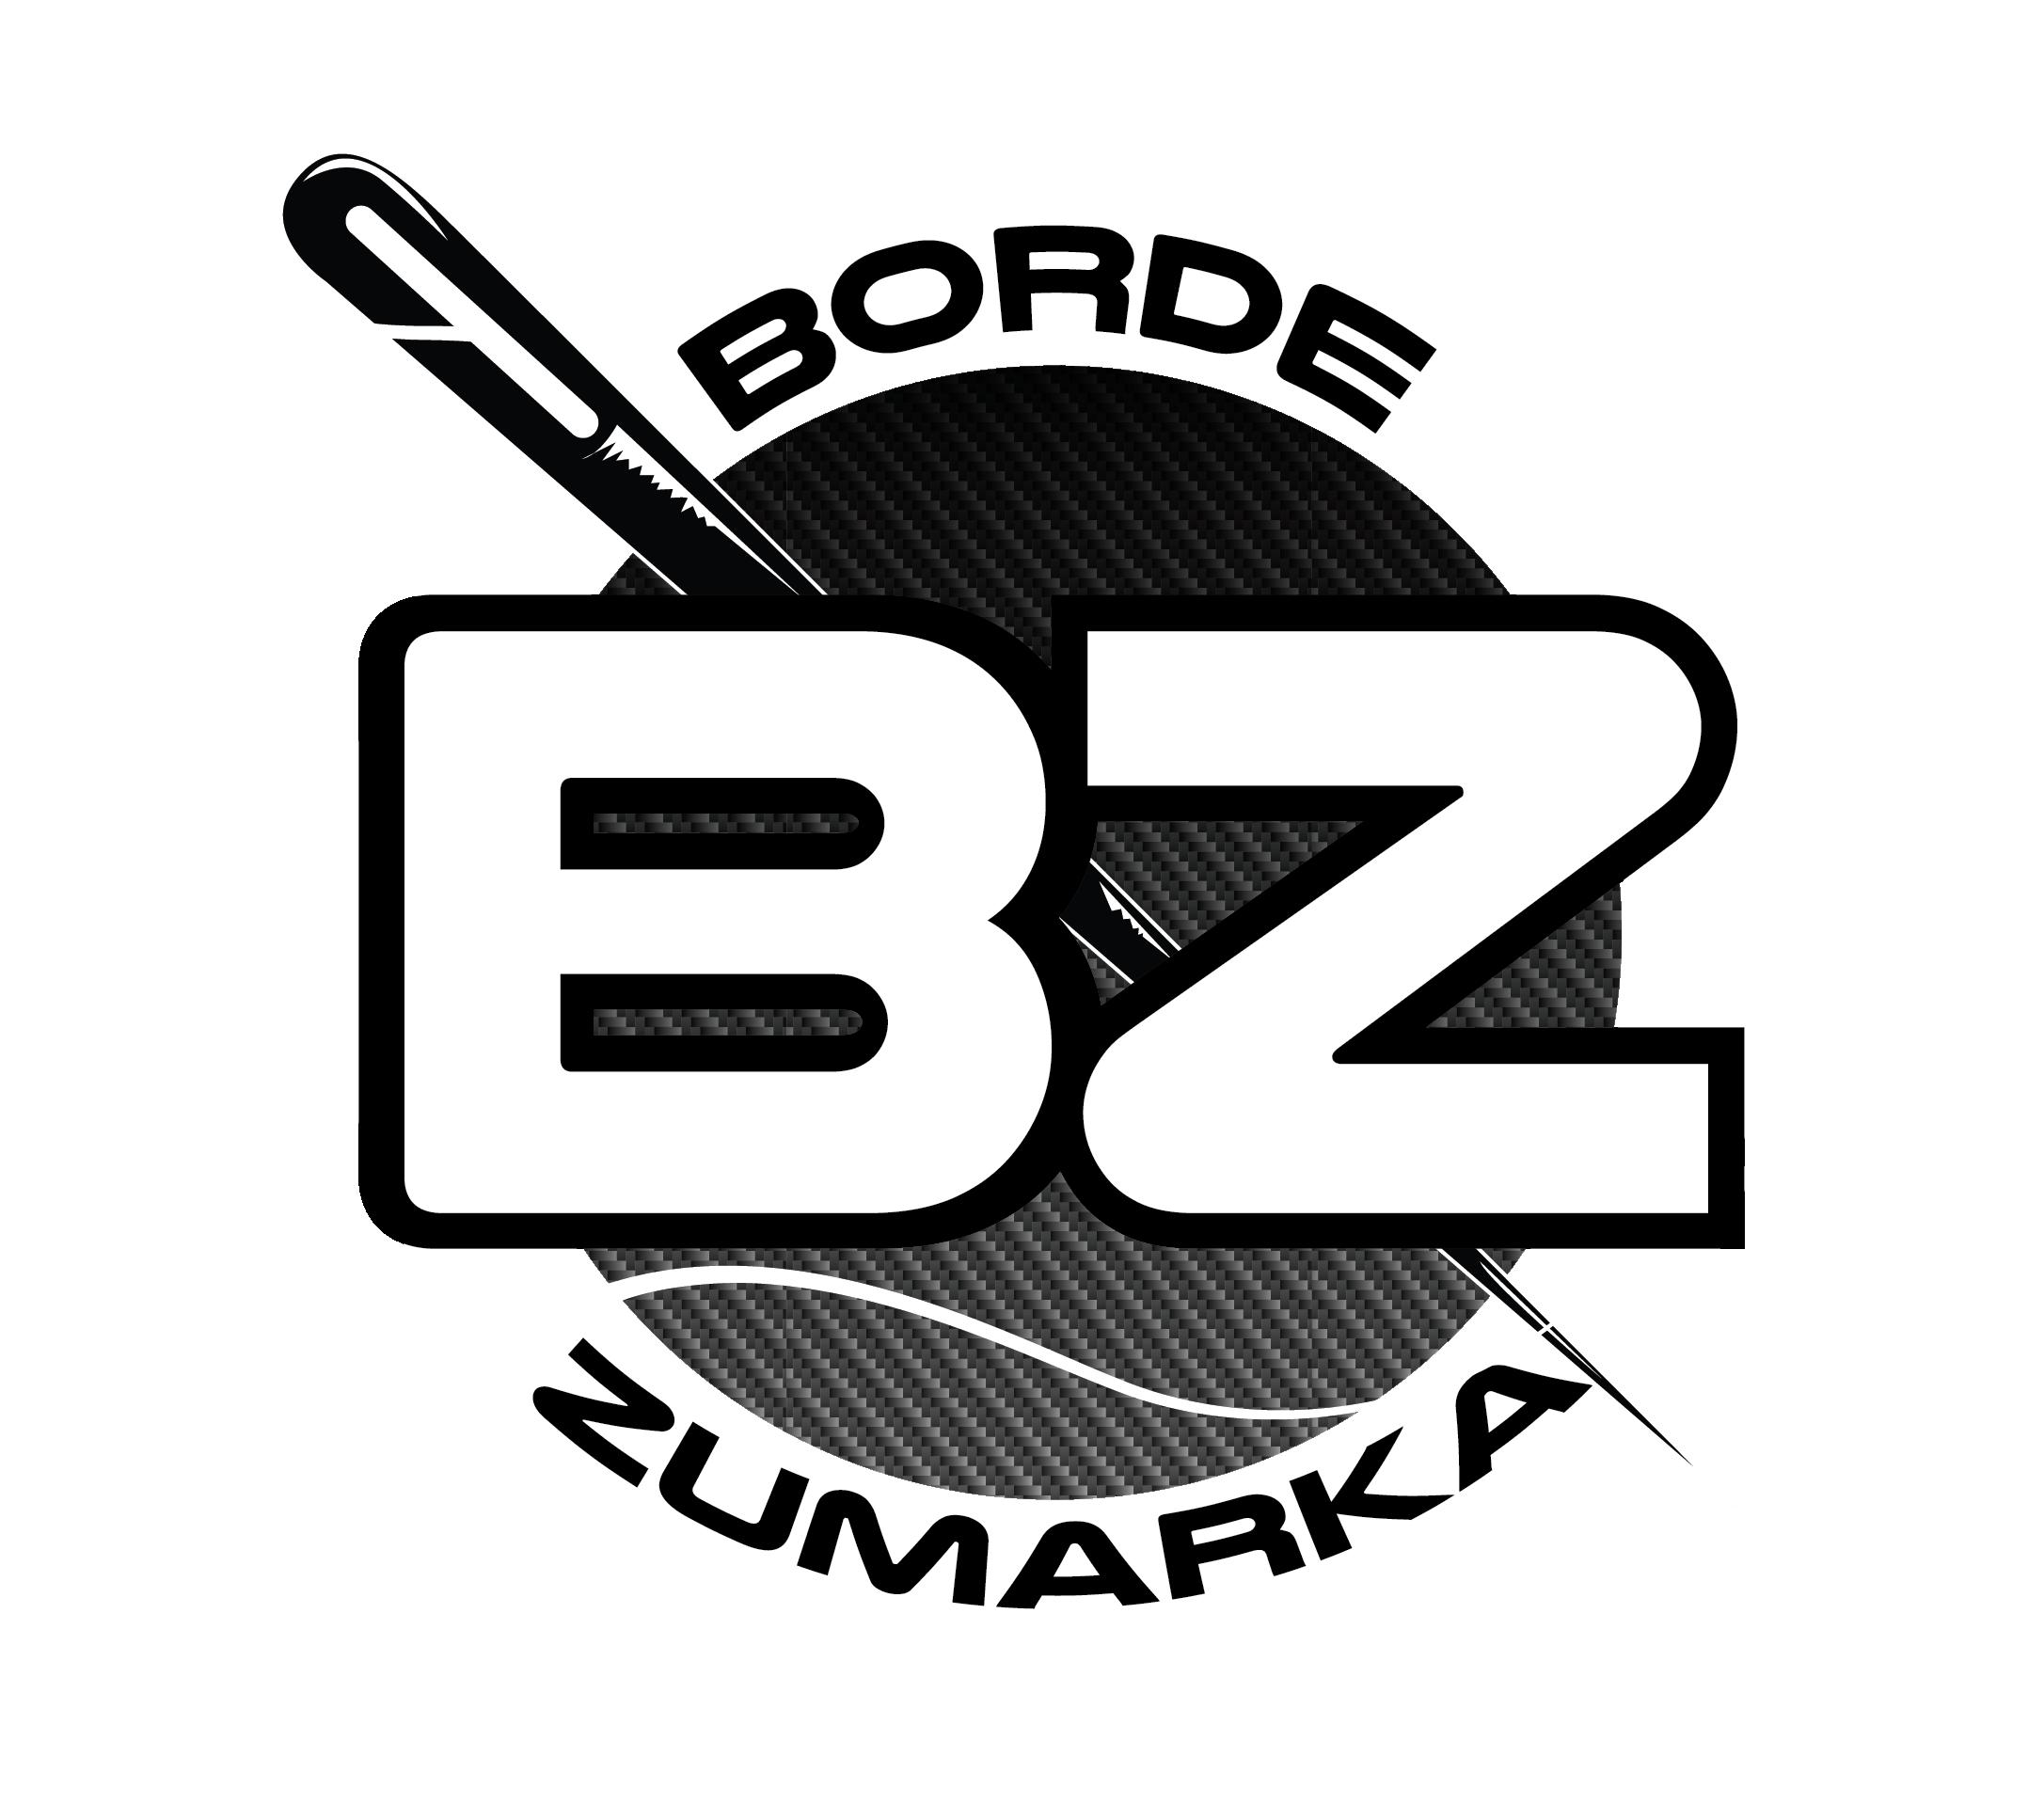 Borde Zumarka